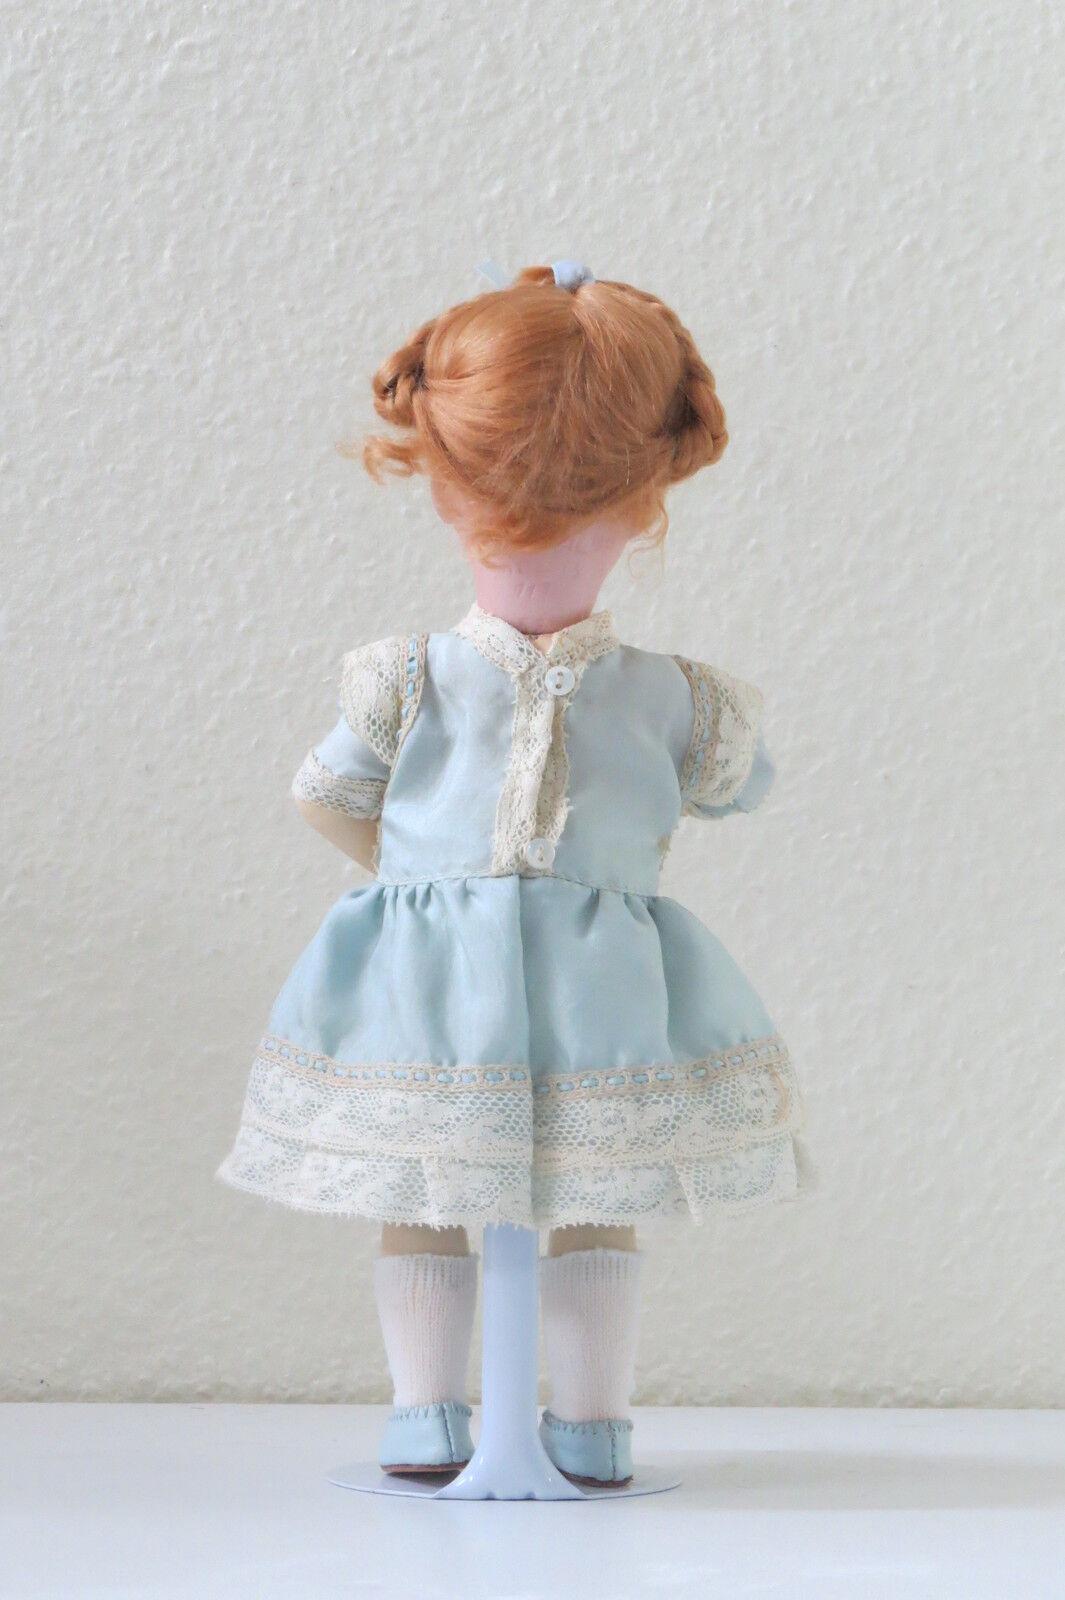 Mein Liebling K & R 117 117 117 Ref   A      Poupée Ancienne Reproduction Antique doll 8e02c7